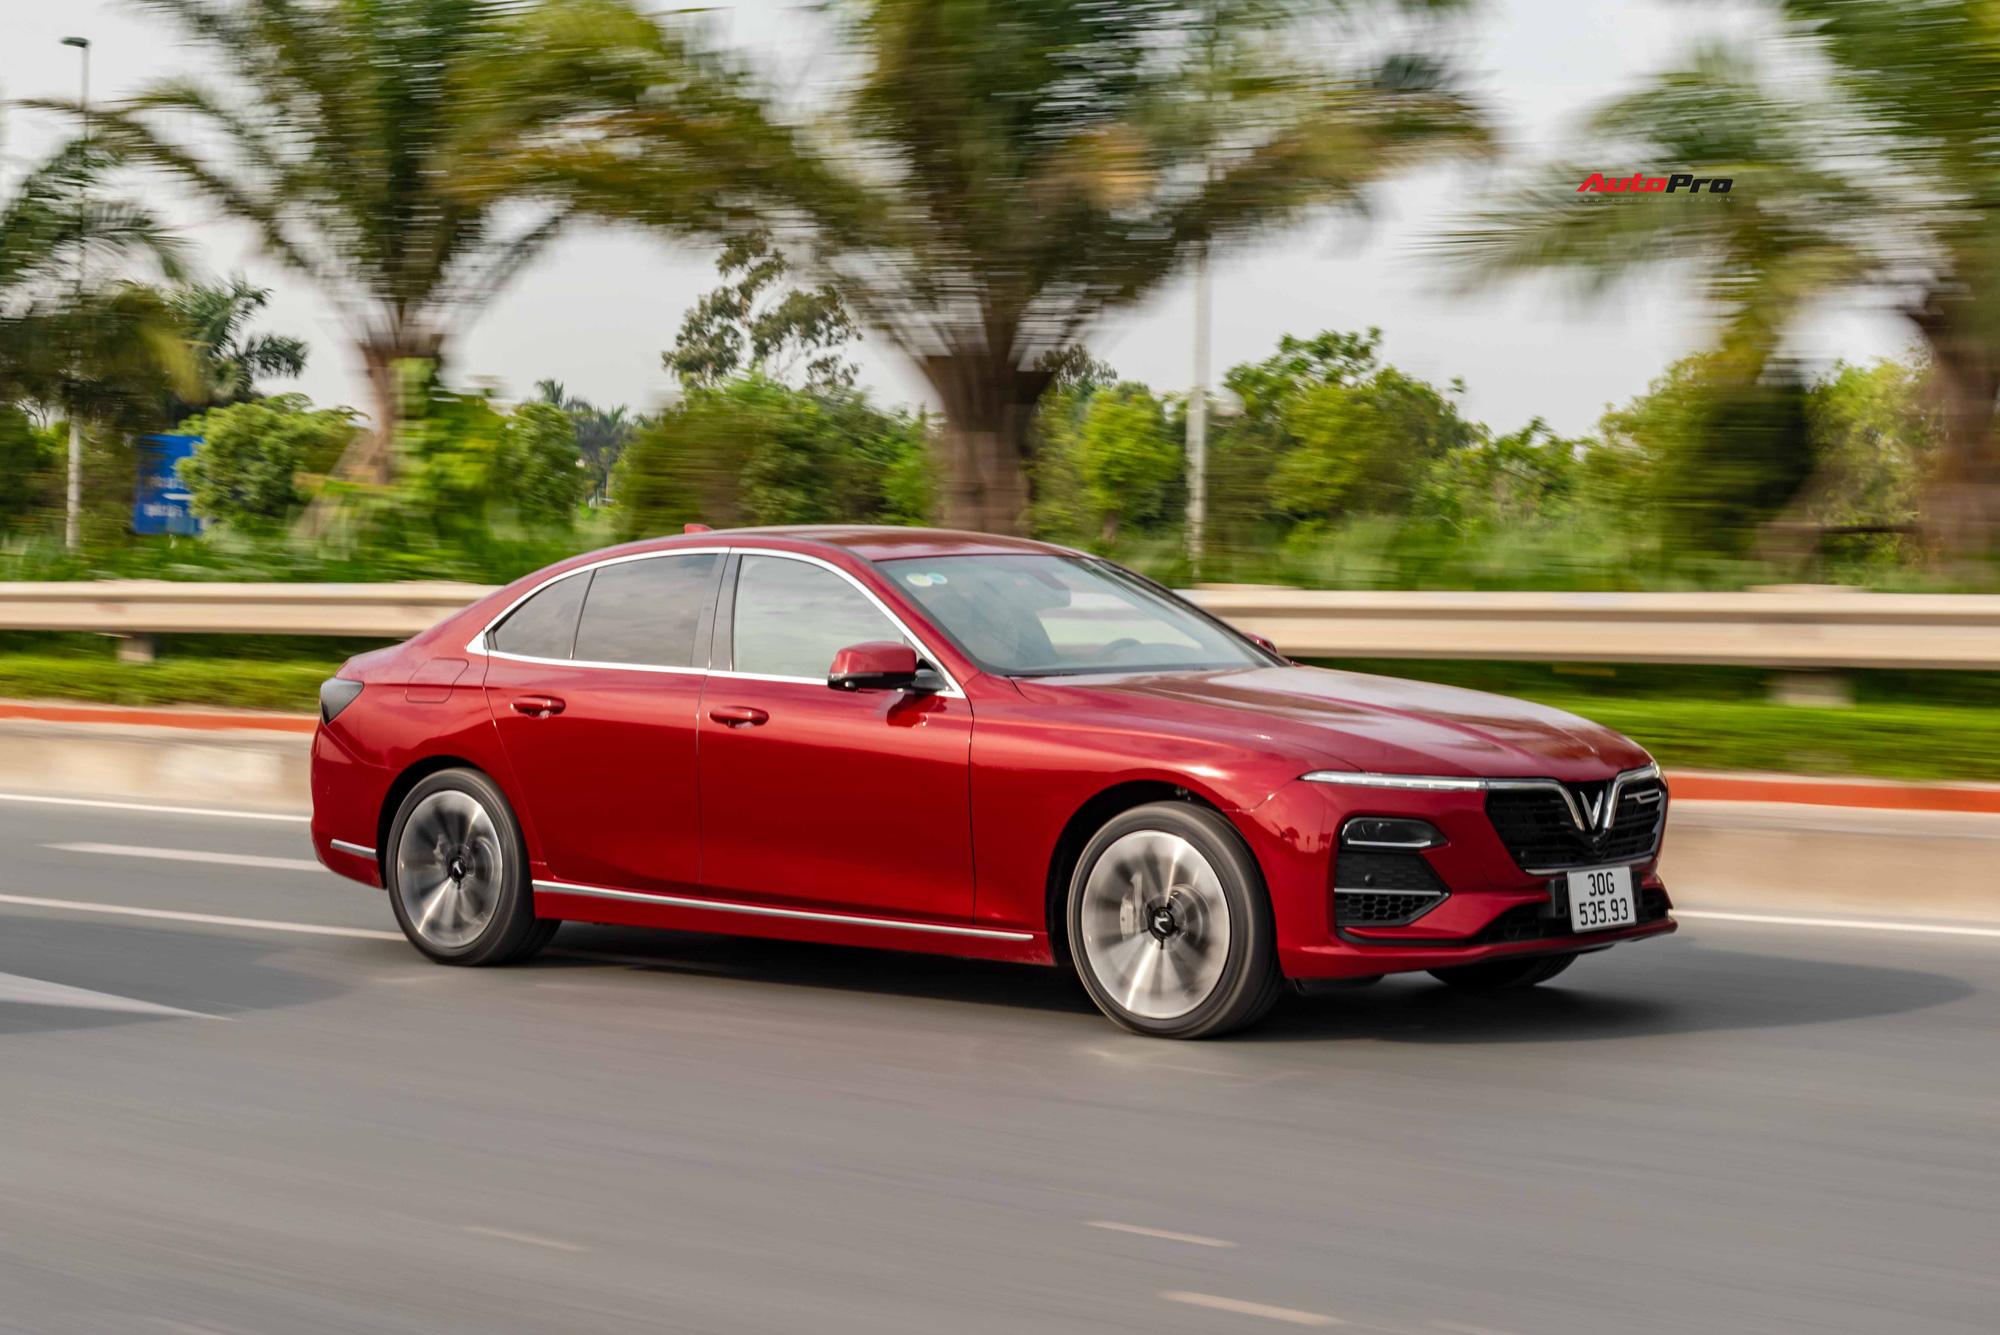 Động cơ được coi là niềm tự hào của Lux A2.0. Máy tăng áp I4 dung tích 2 lít với bản chất là lõi máy N20 của BMW, được VinFast phát triển riêng. Công suất tối đa 228 mã lực và mô-men xoắn 350 Nm kết hợp số ZF 8 cấp mang đến sự chủ động cho người lái. Hệ thống tăng áp kích hoạt muộn nên đi trong phố, chiếc xe vẫn êm ái. Qua ngưỡng 30-40 km/h, ở cấp số 2-3, chiếc xe mới dễ bứt tốc và cảm giác dính lưng là có. Hộp số ZF học thói quen lái rất nhanh và được tinh chỉnh thiên về thể thao hơn.